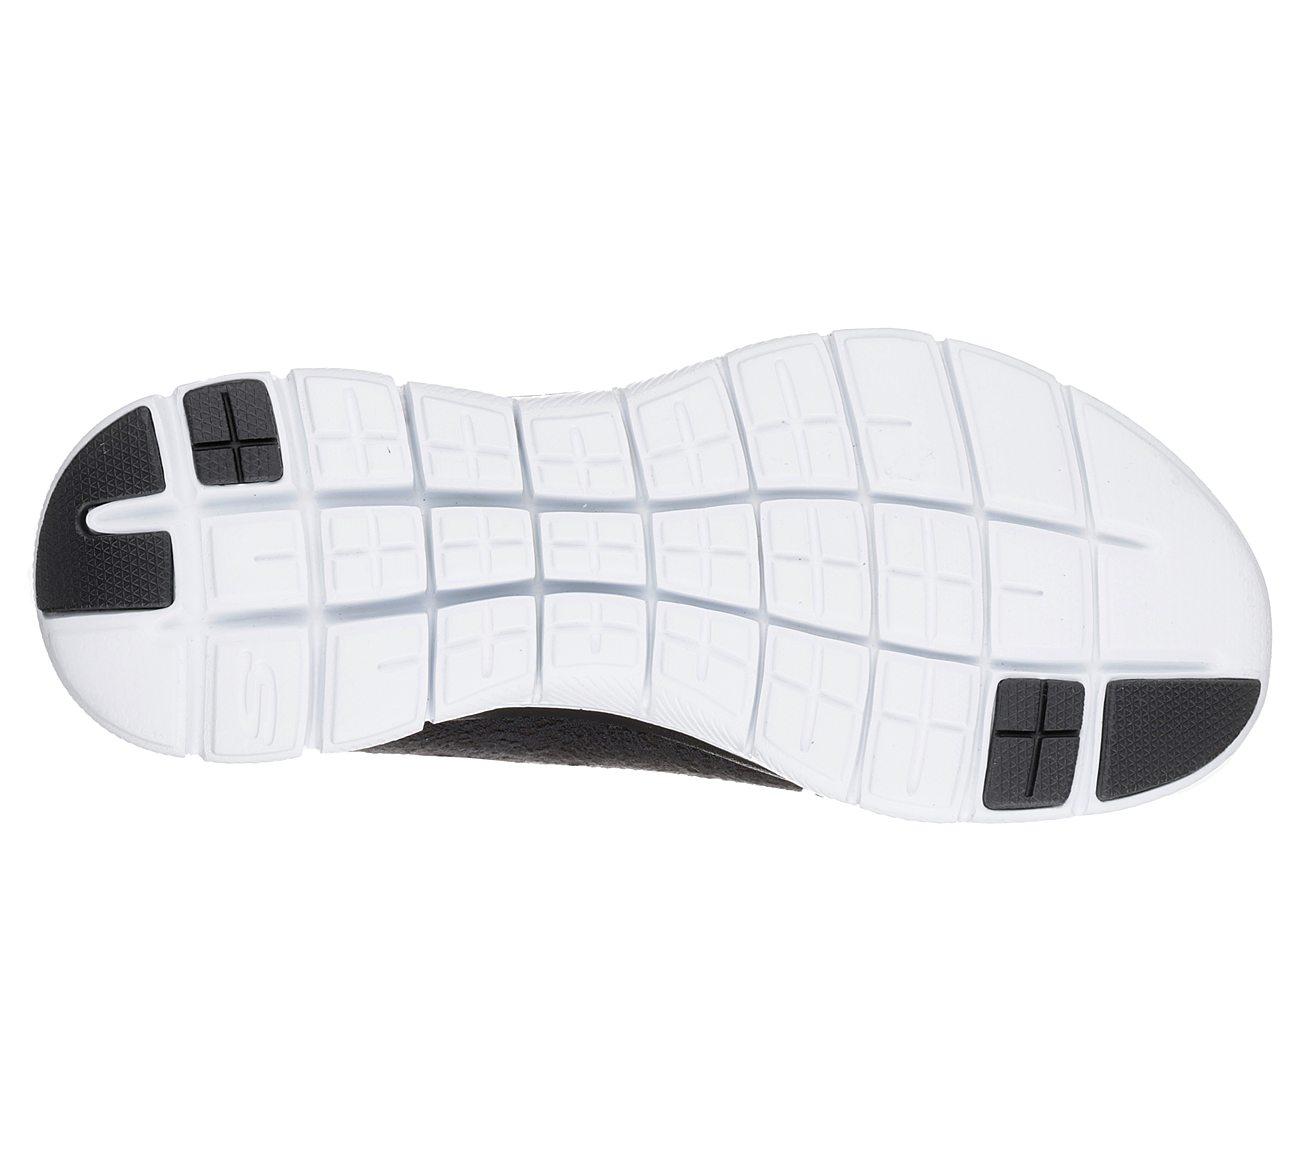 Flex Appeal 2.0 Clear Cut Black White Textile